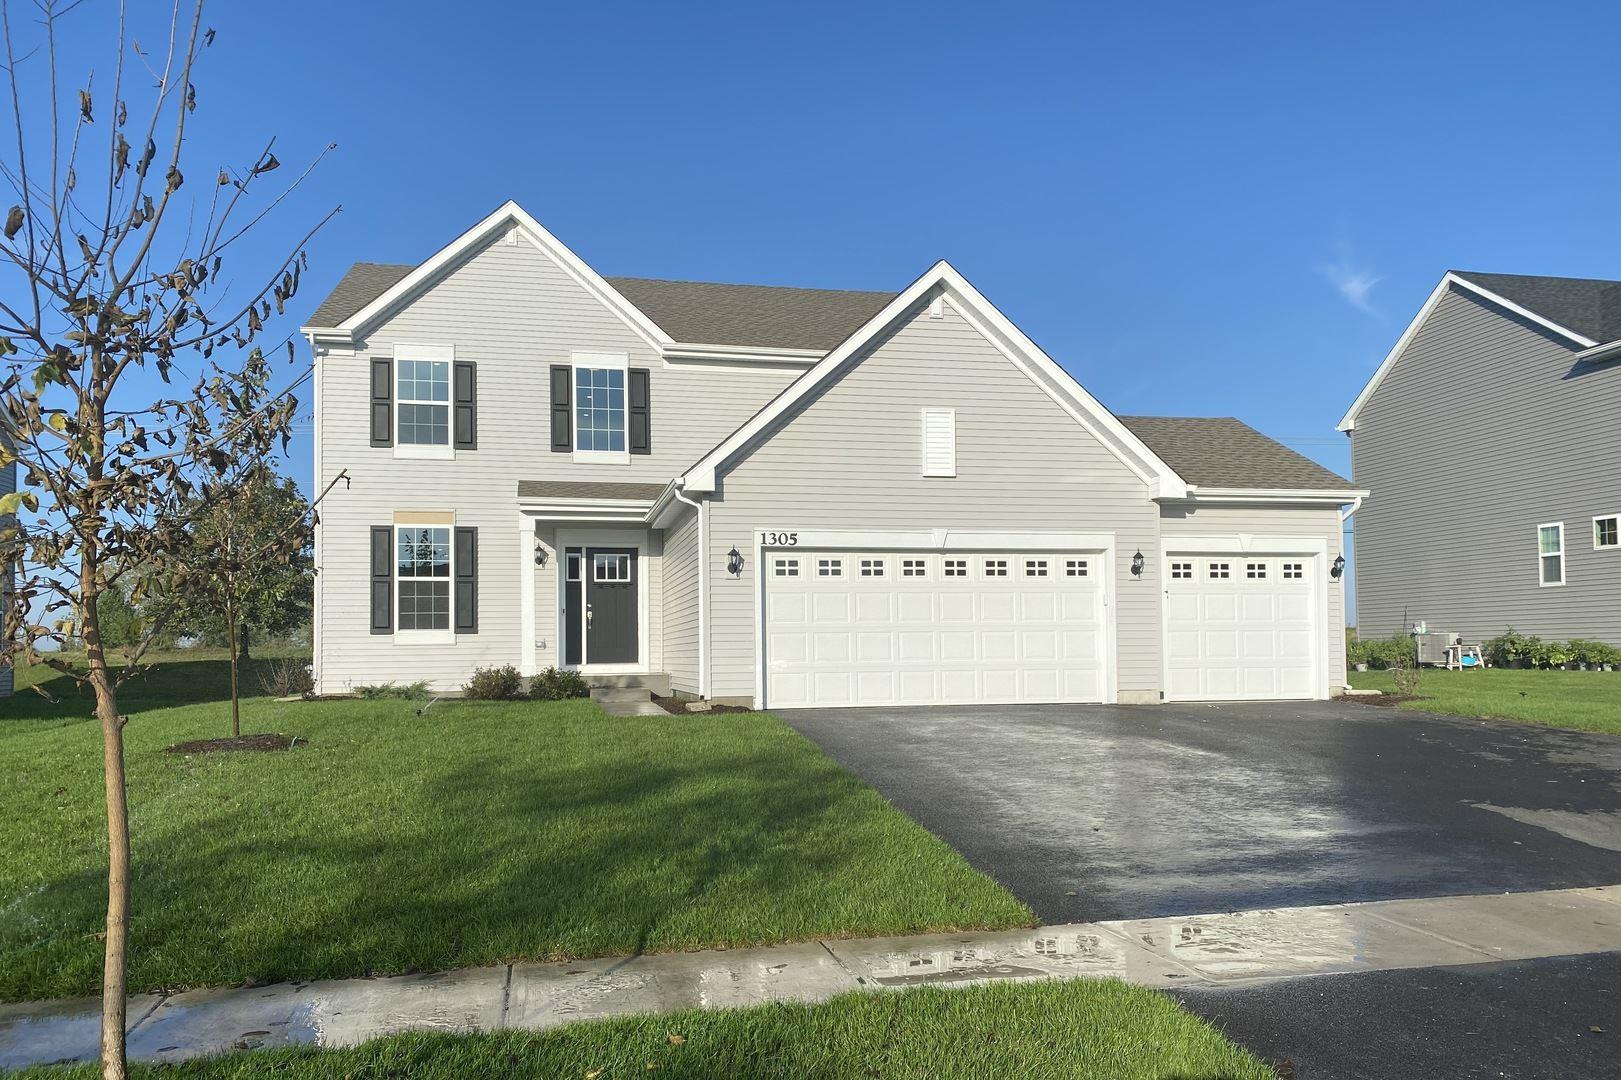 Photo of 1305 Morgana Drive, Joliet, IL 60431 (MLS # 10998423)